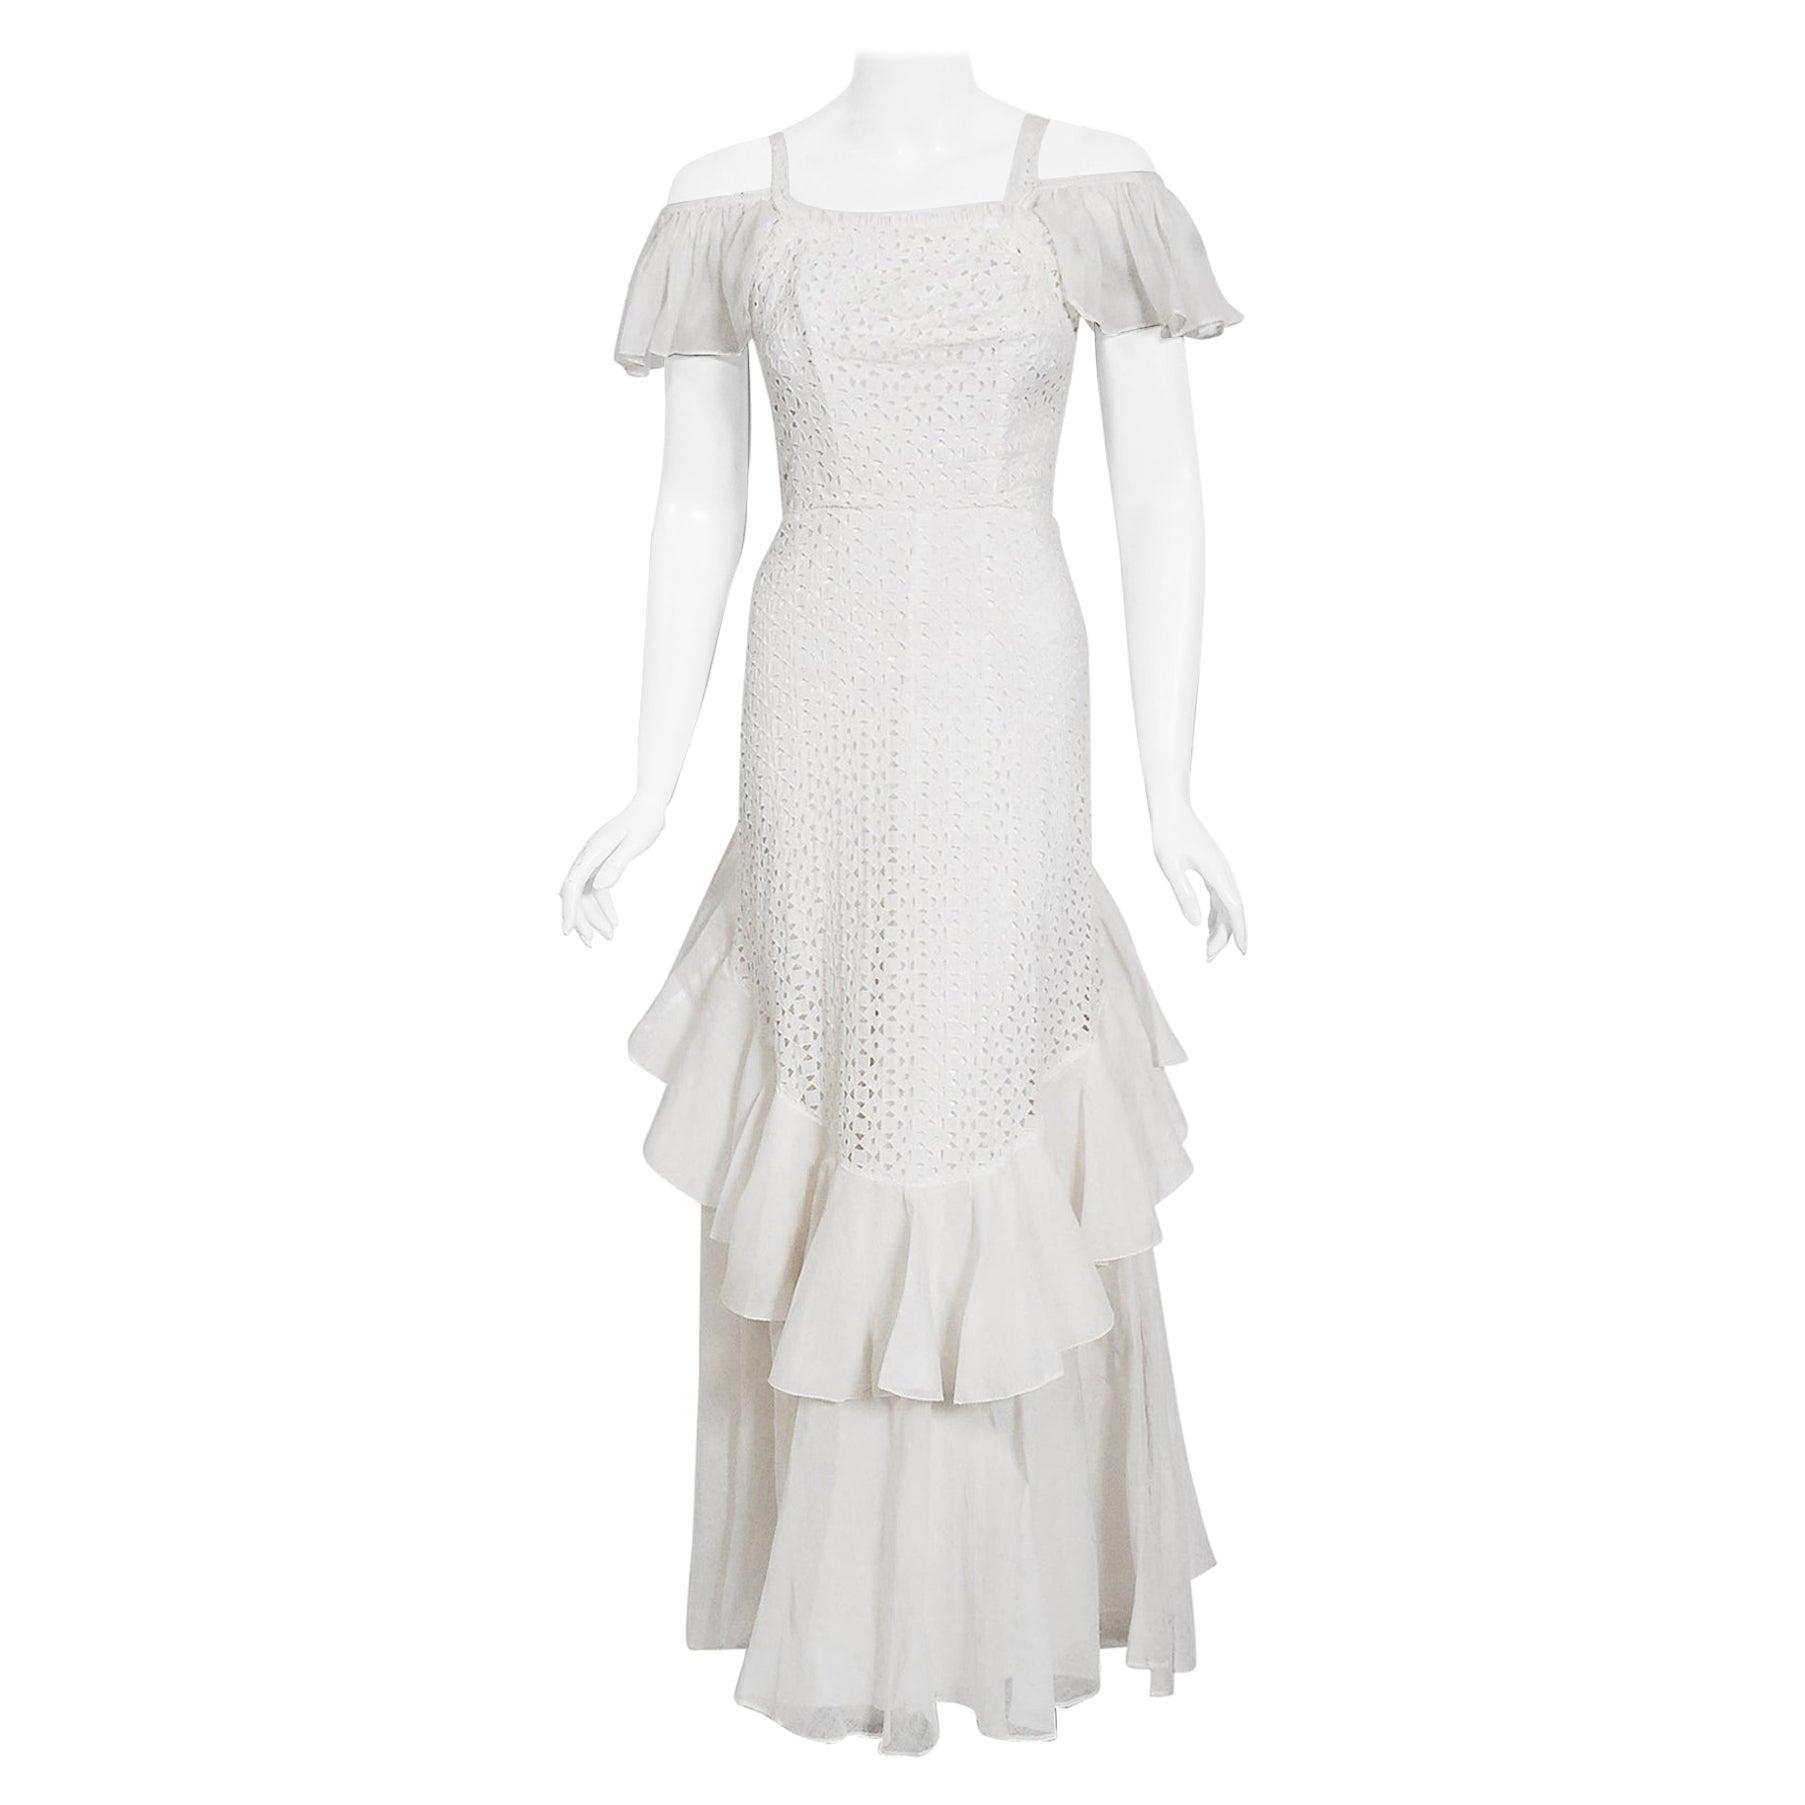 Vintage 1930's Crisp-White Eyelet Organza Off Shoulder Ruffle Bustle Bridal Gown